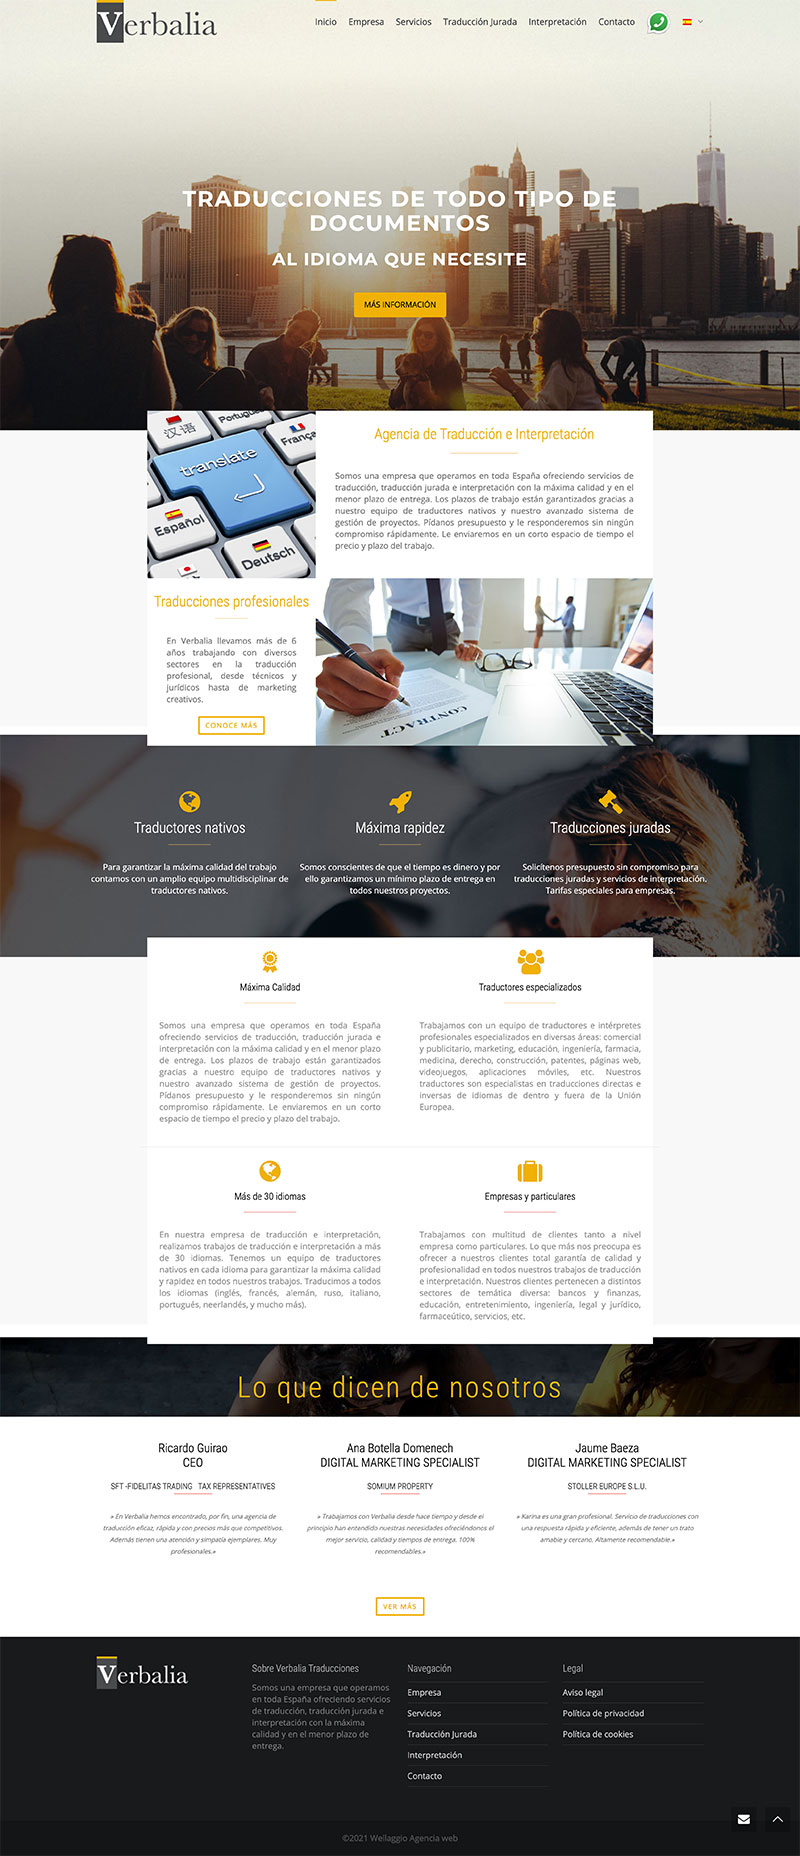 Wellaggio diseño web   Diseño web academia de traduciones Verbalia